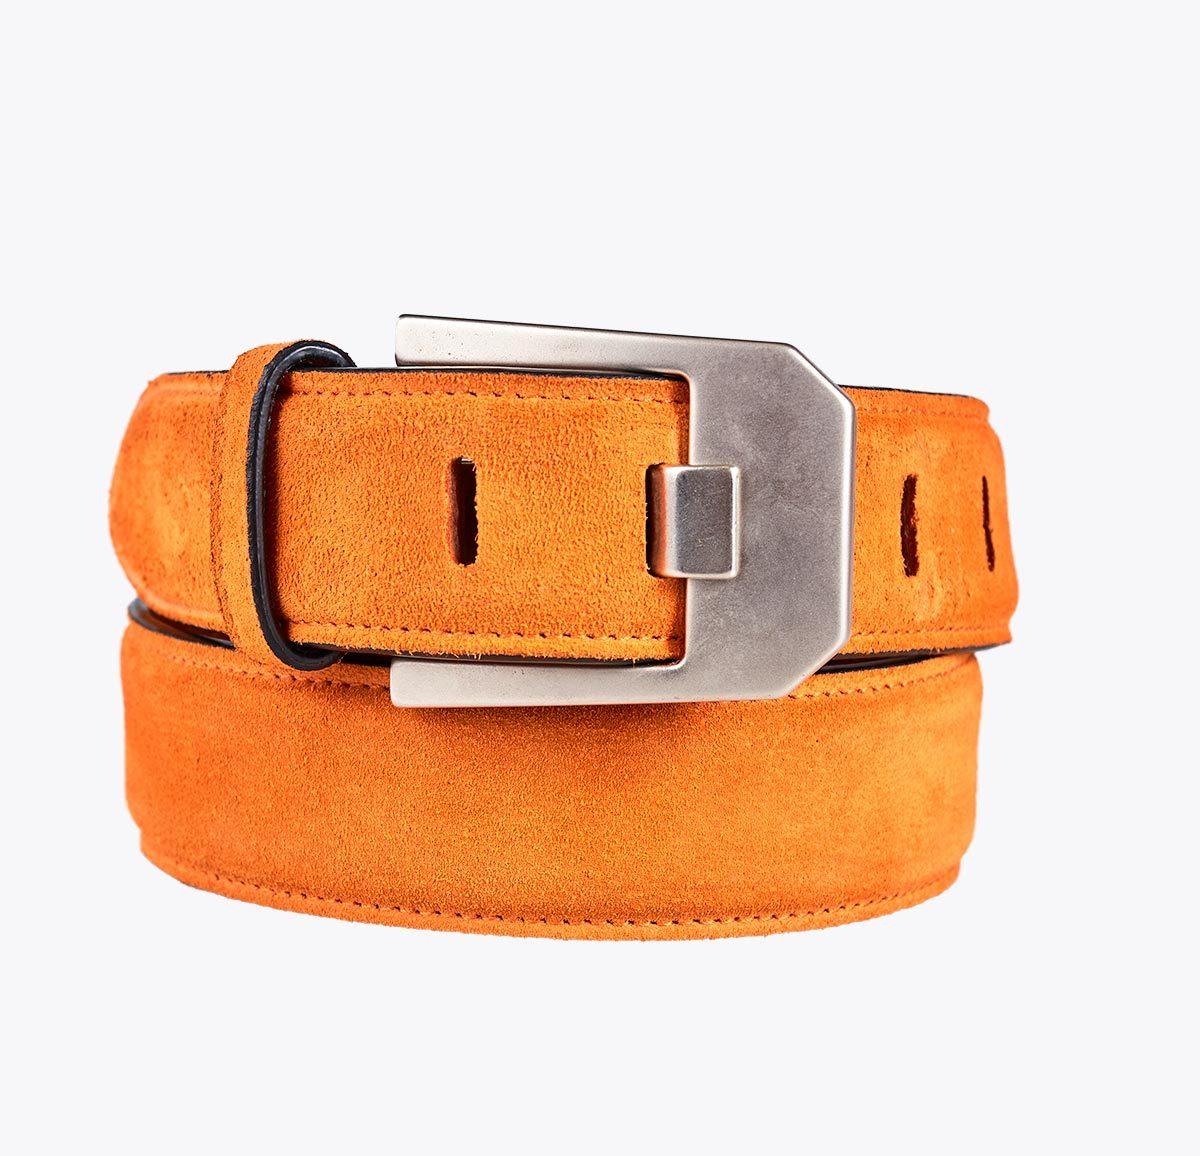 Cinturón ante hebilla cuadrada Accesorios y complementos en mandalashoes. Accessories in mandalashoes. Zubehör in Mandalas.